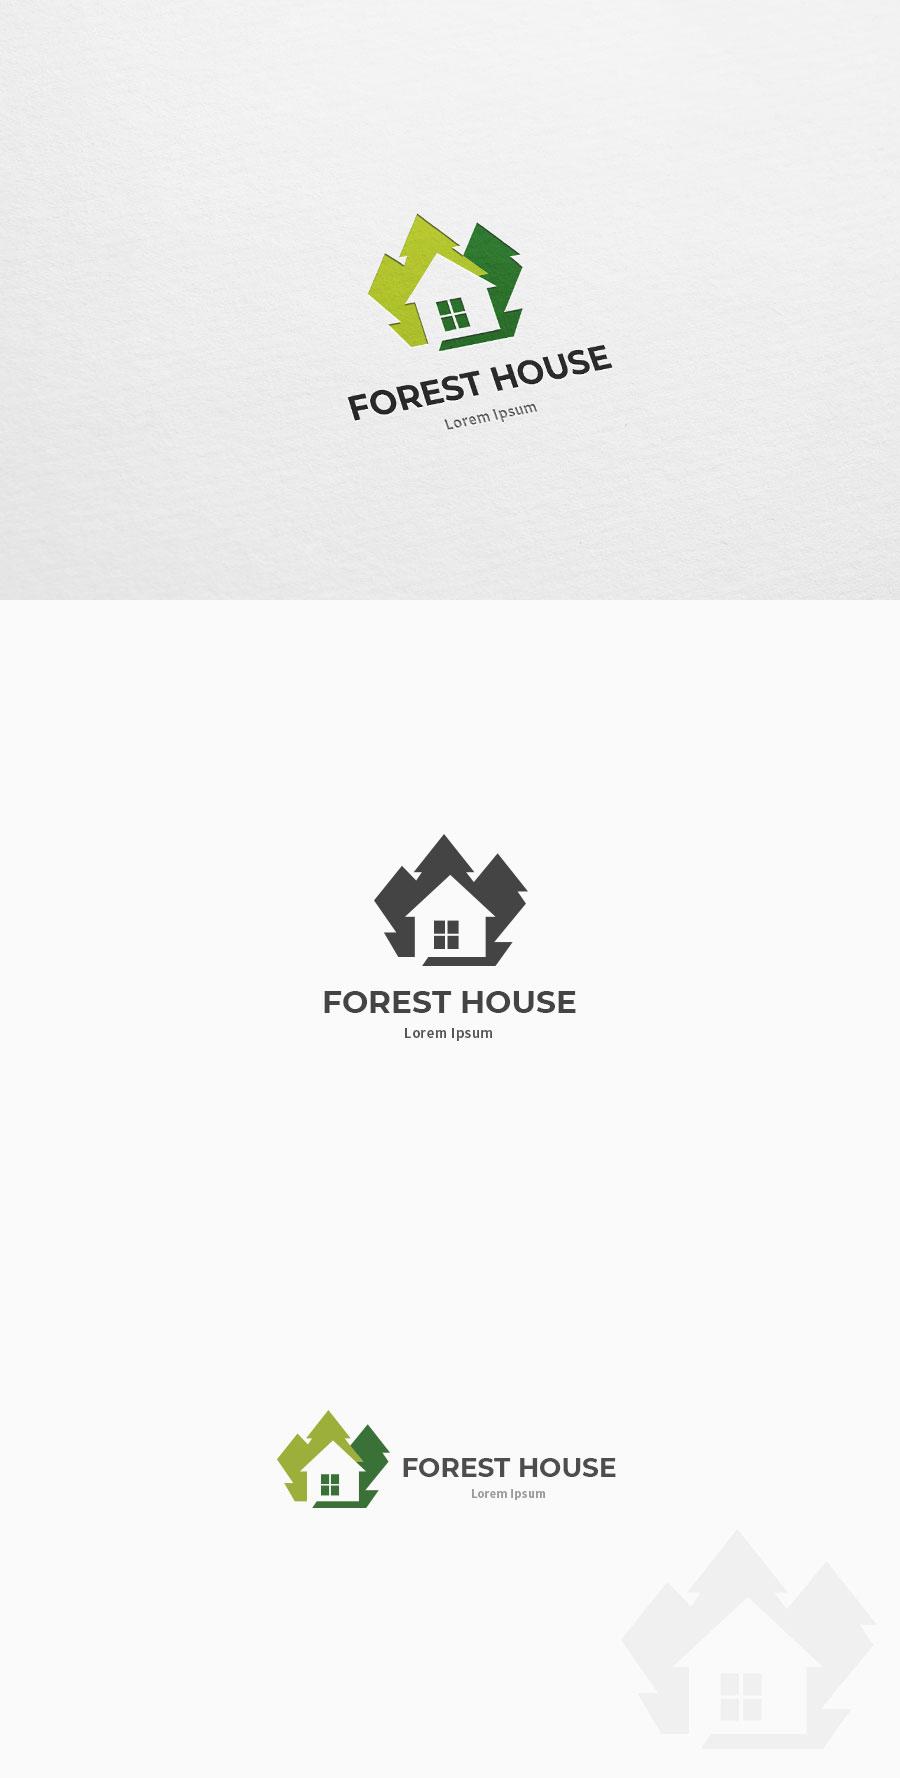 숲 나무 하우스 집 로고 전시관